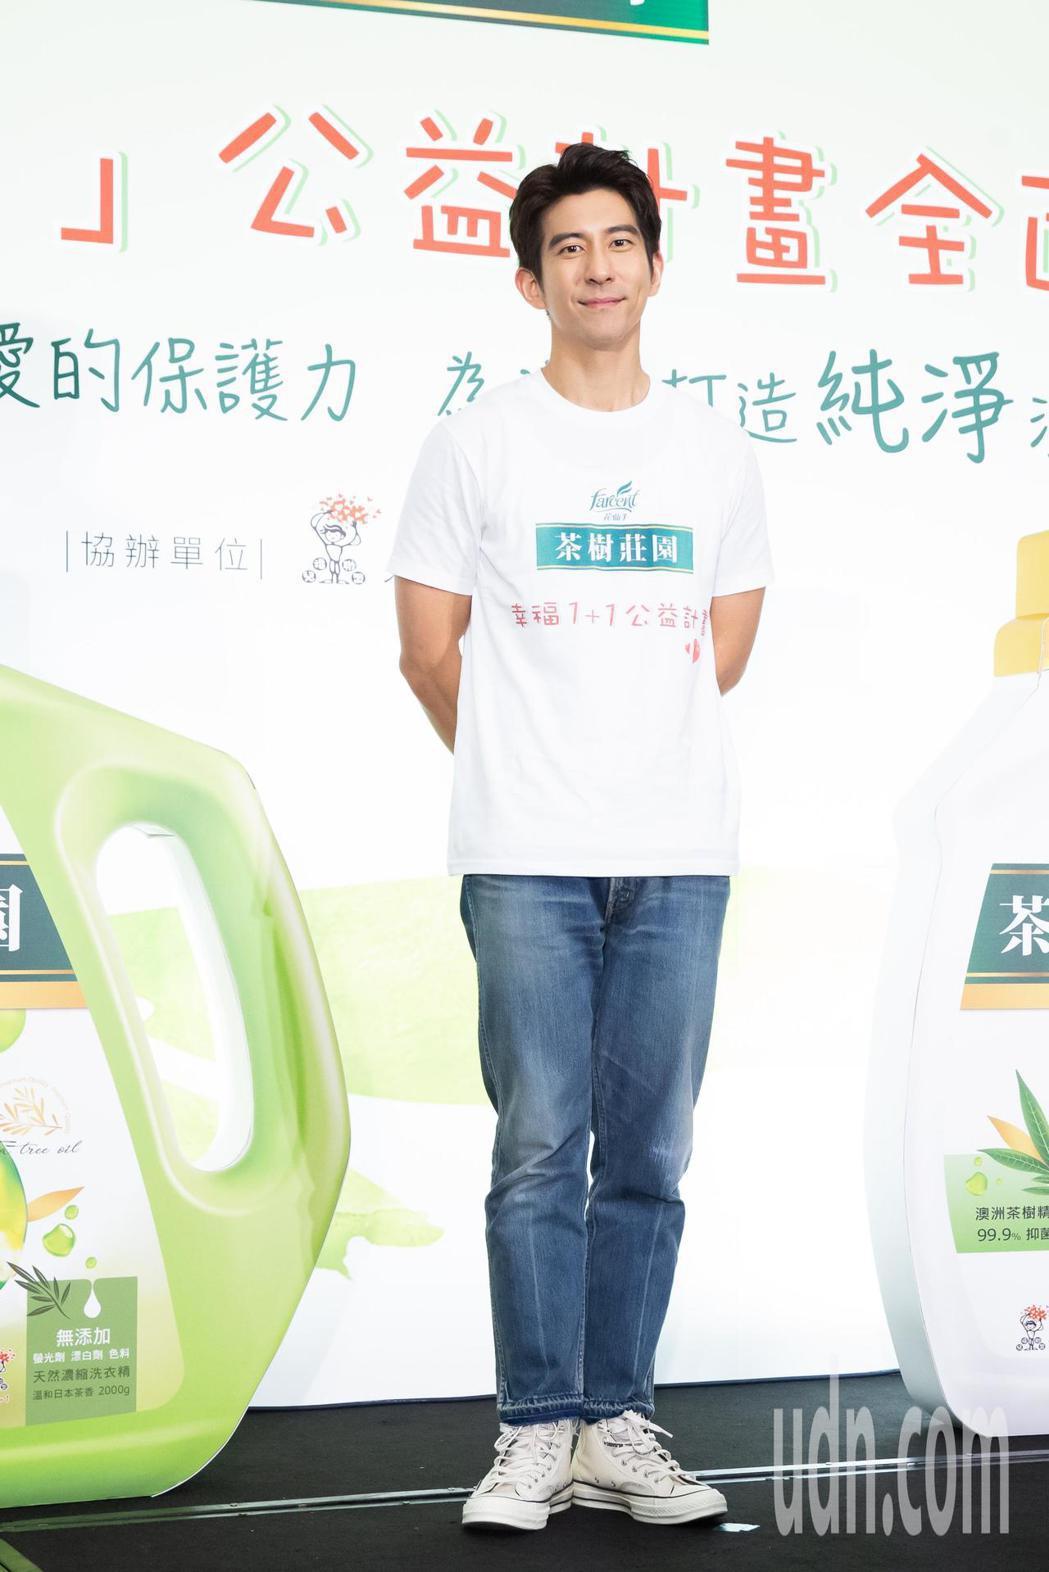 修杰楷今天化身茶樹莊園幸福大使者,出席啟動「幸福1+1」公益計畫,並分享幸福家庭...